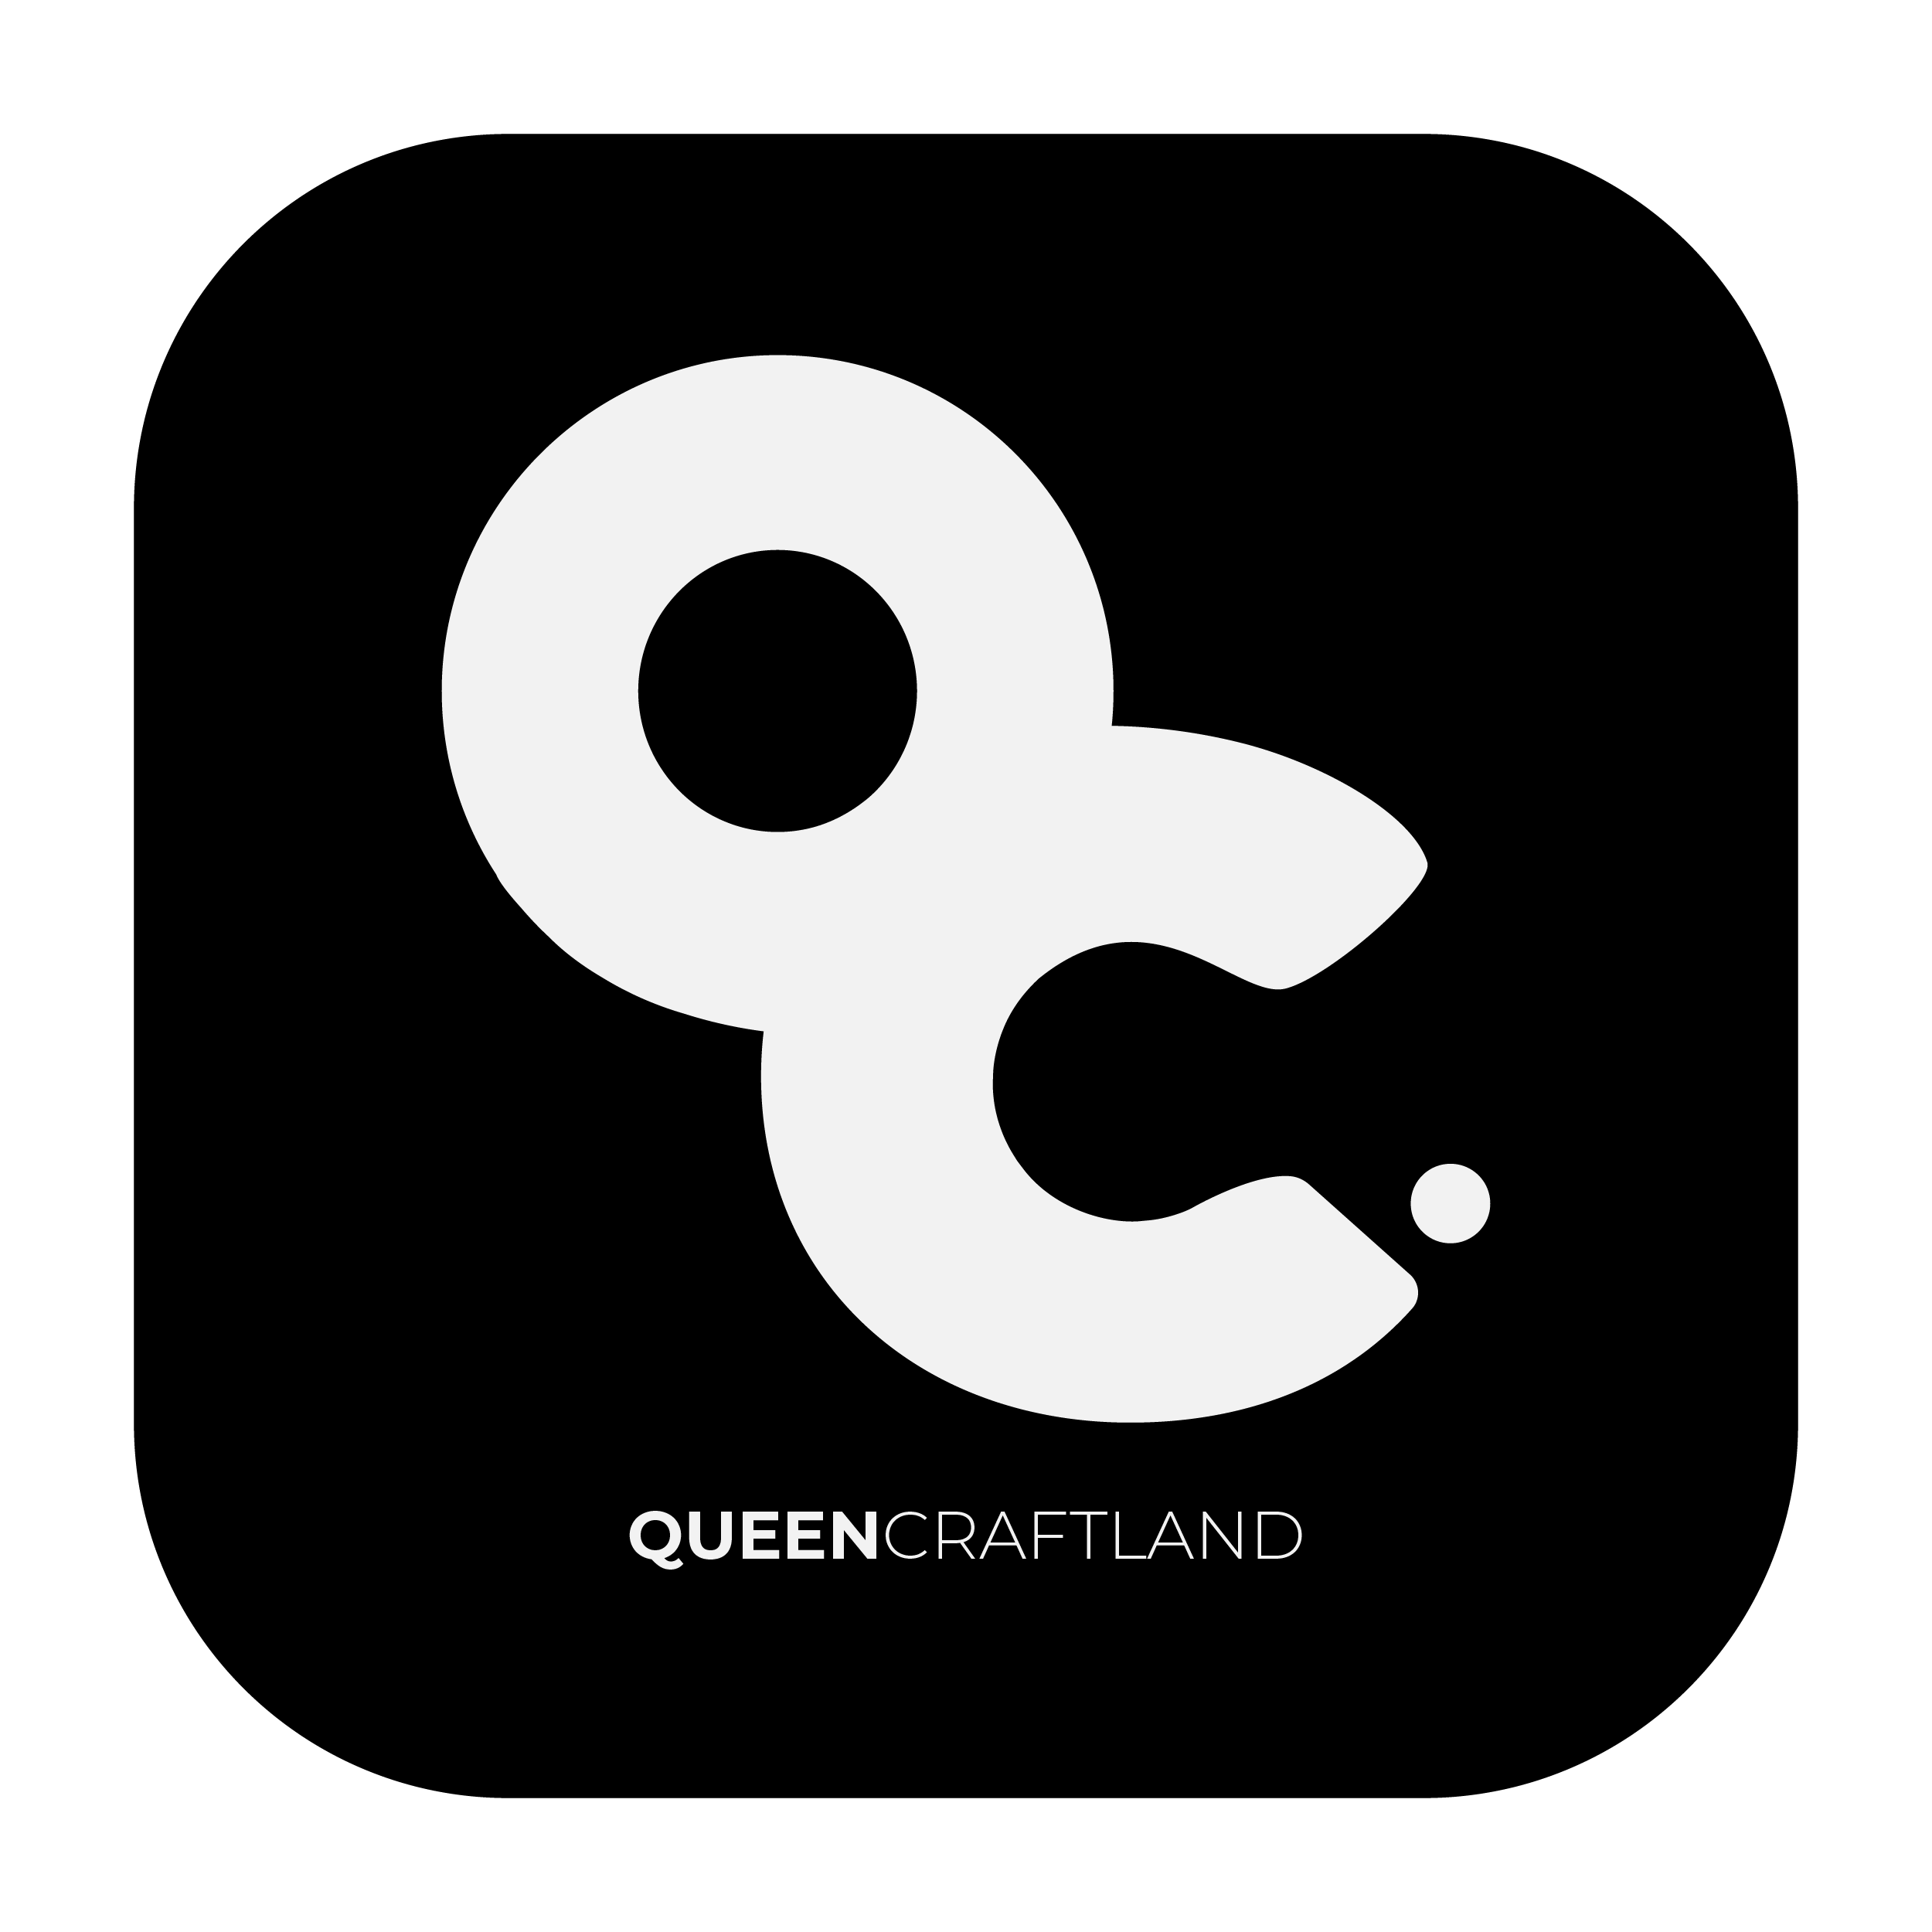 Queen Craftland